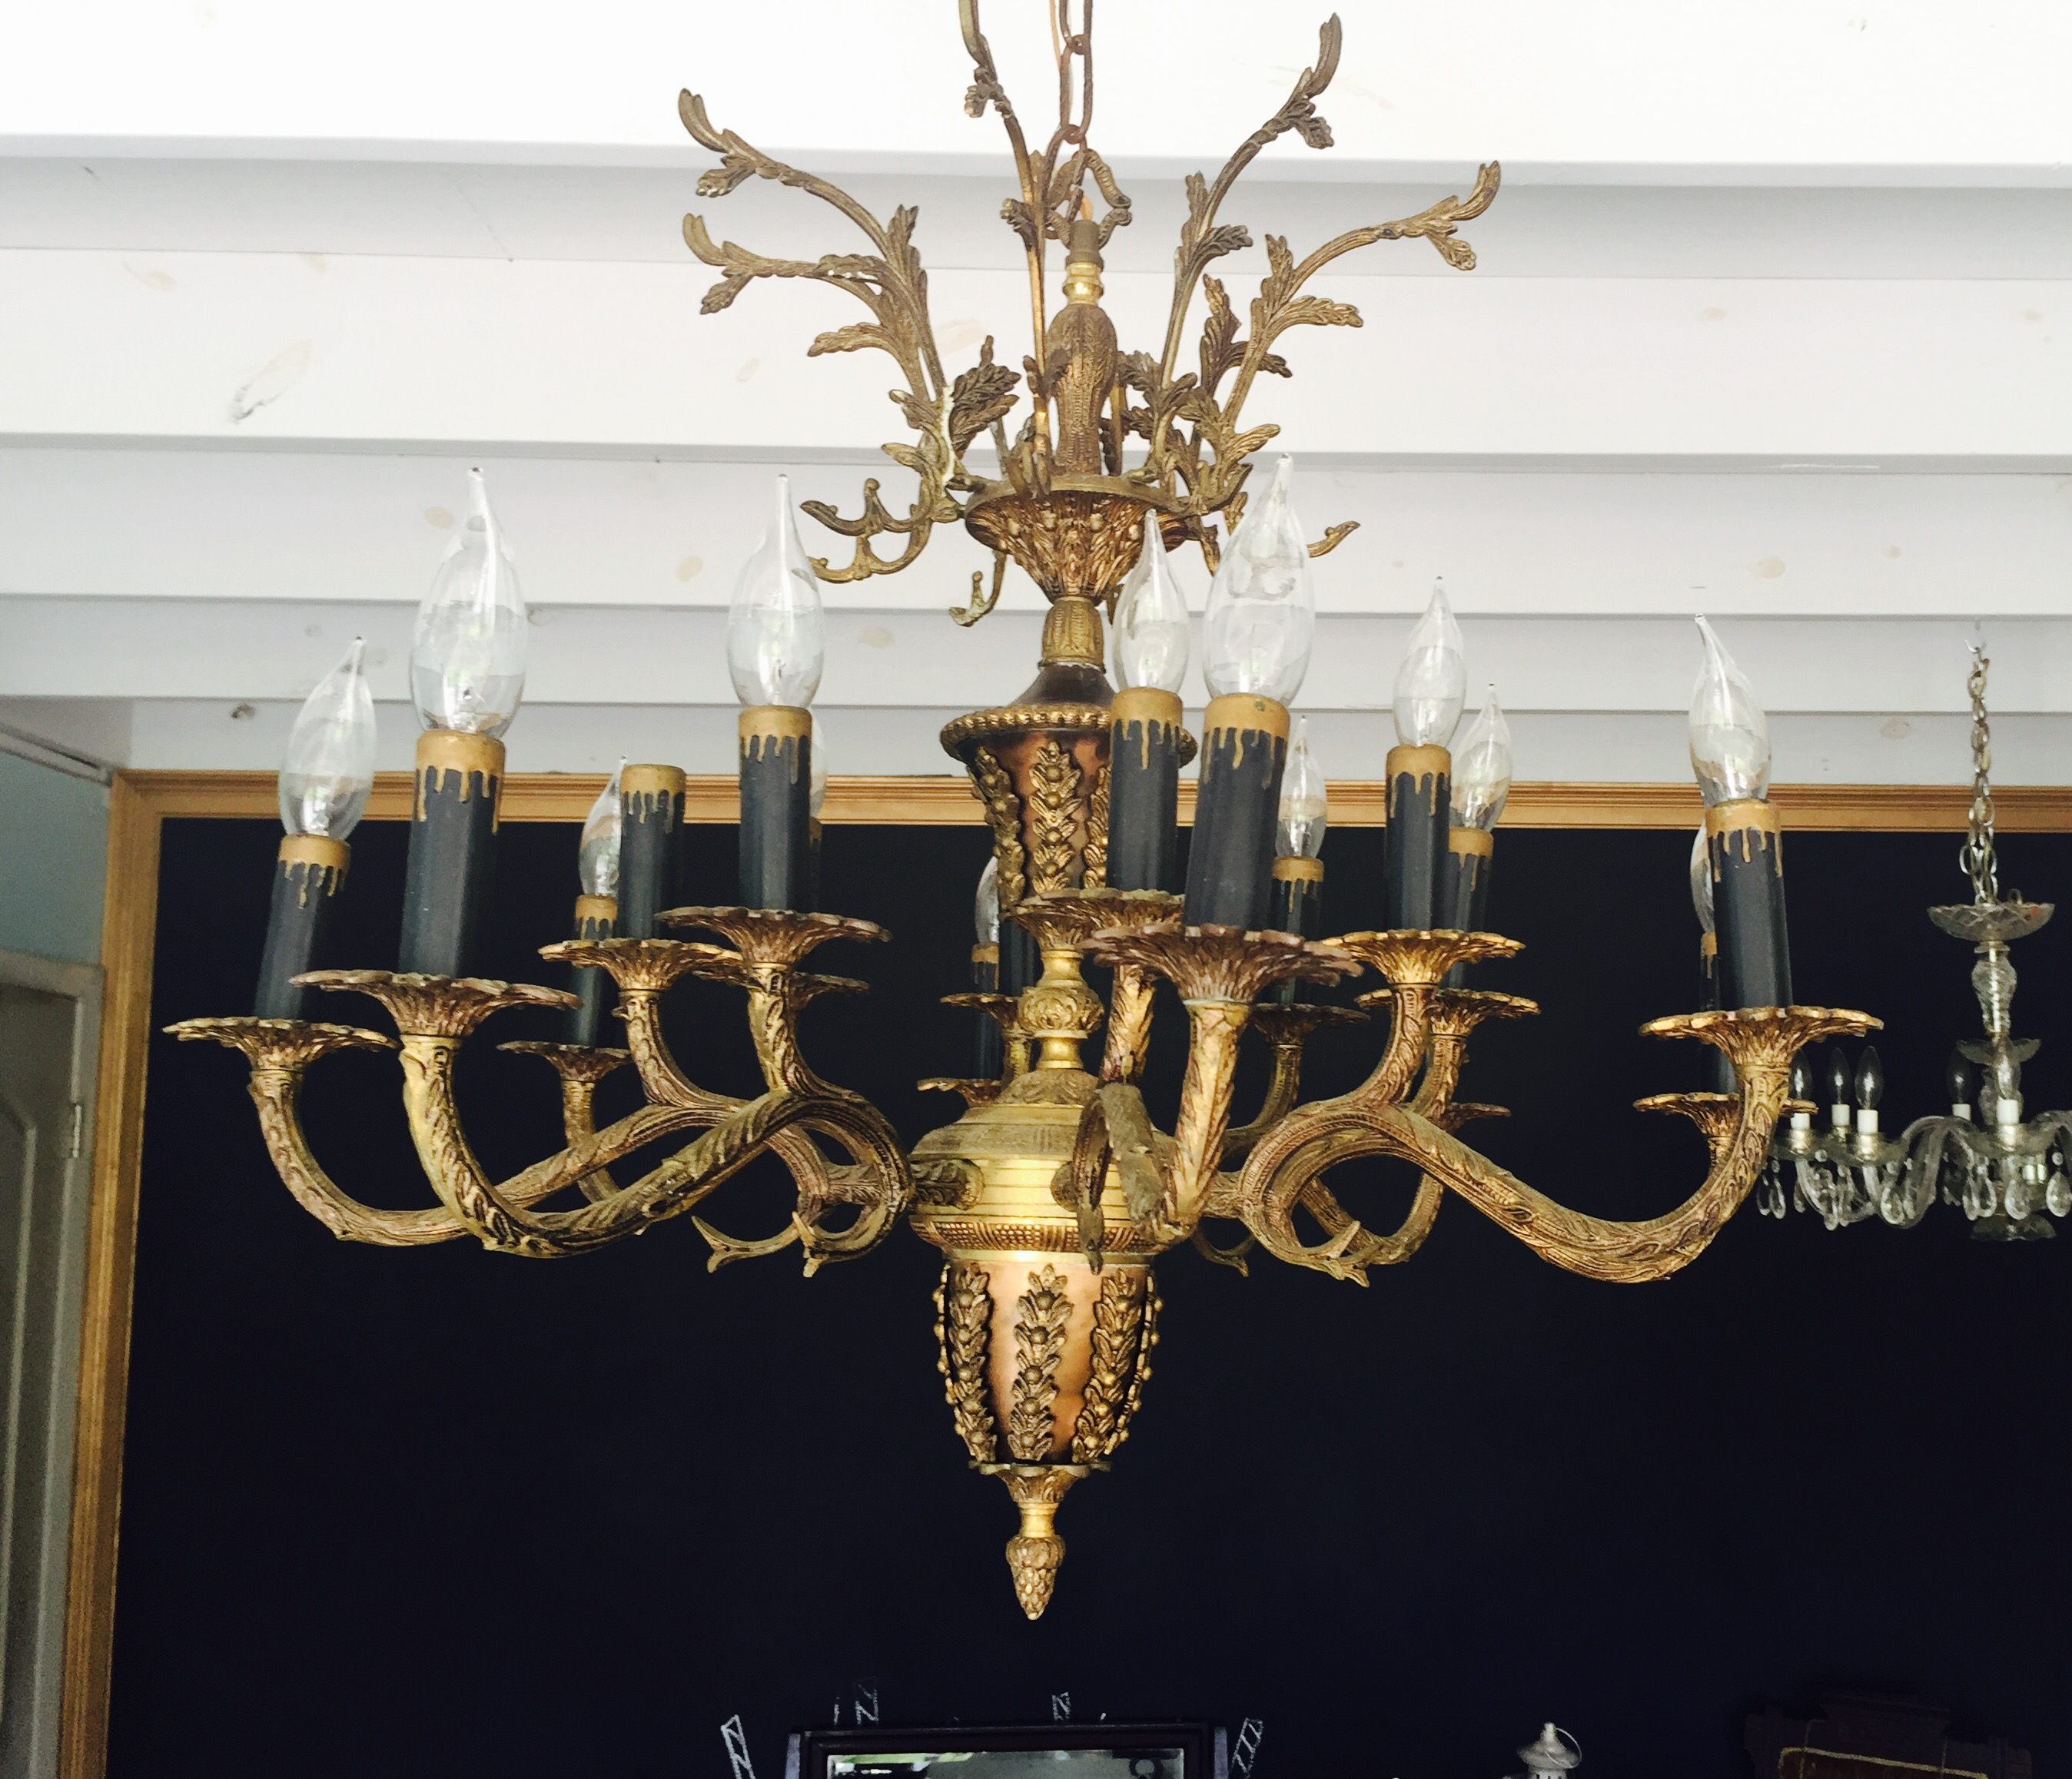 Large gold chandelier